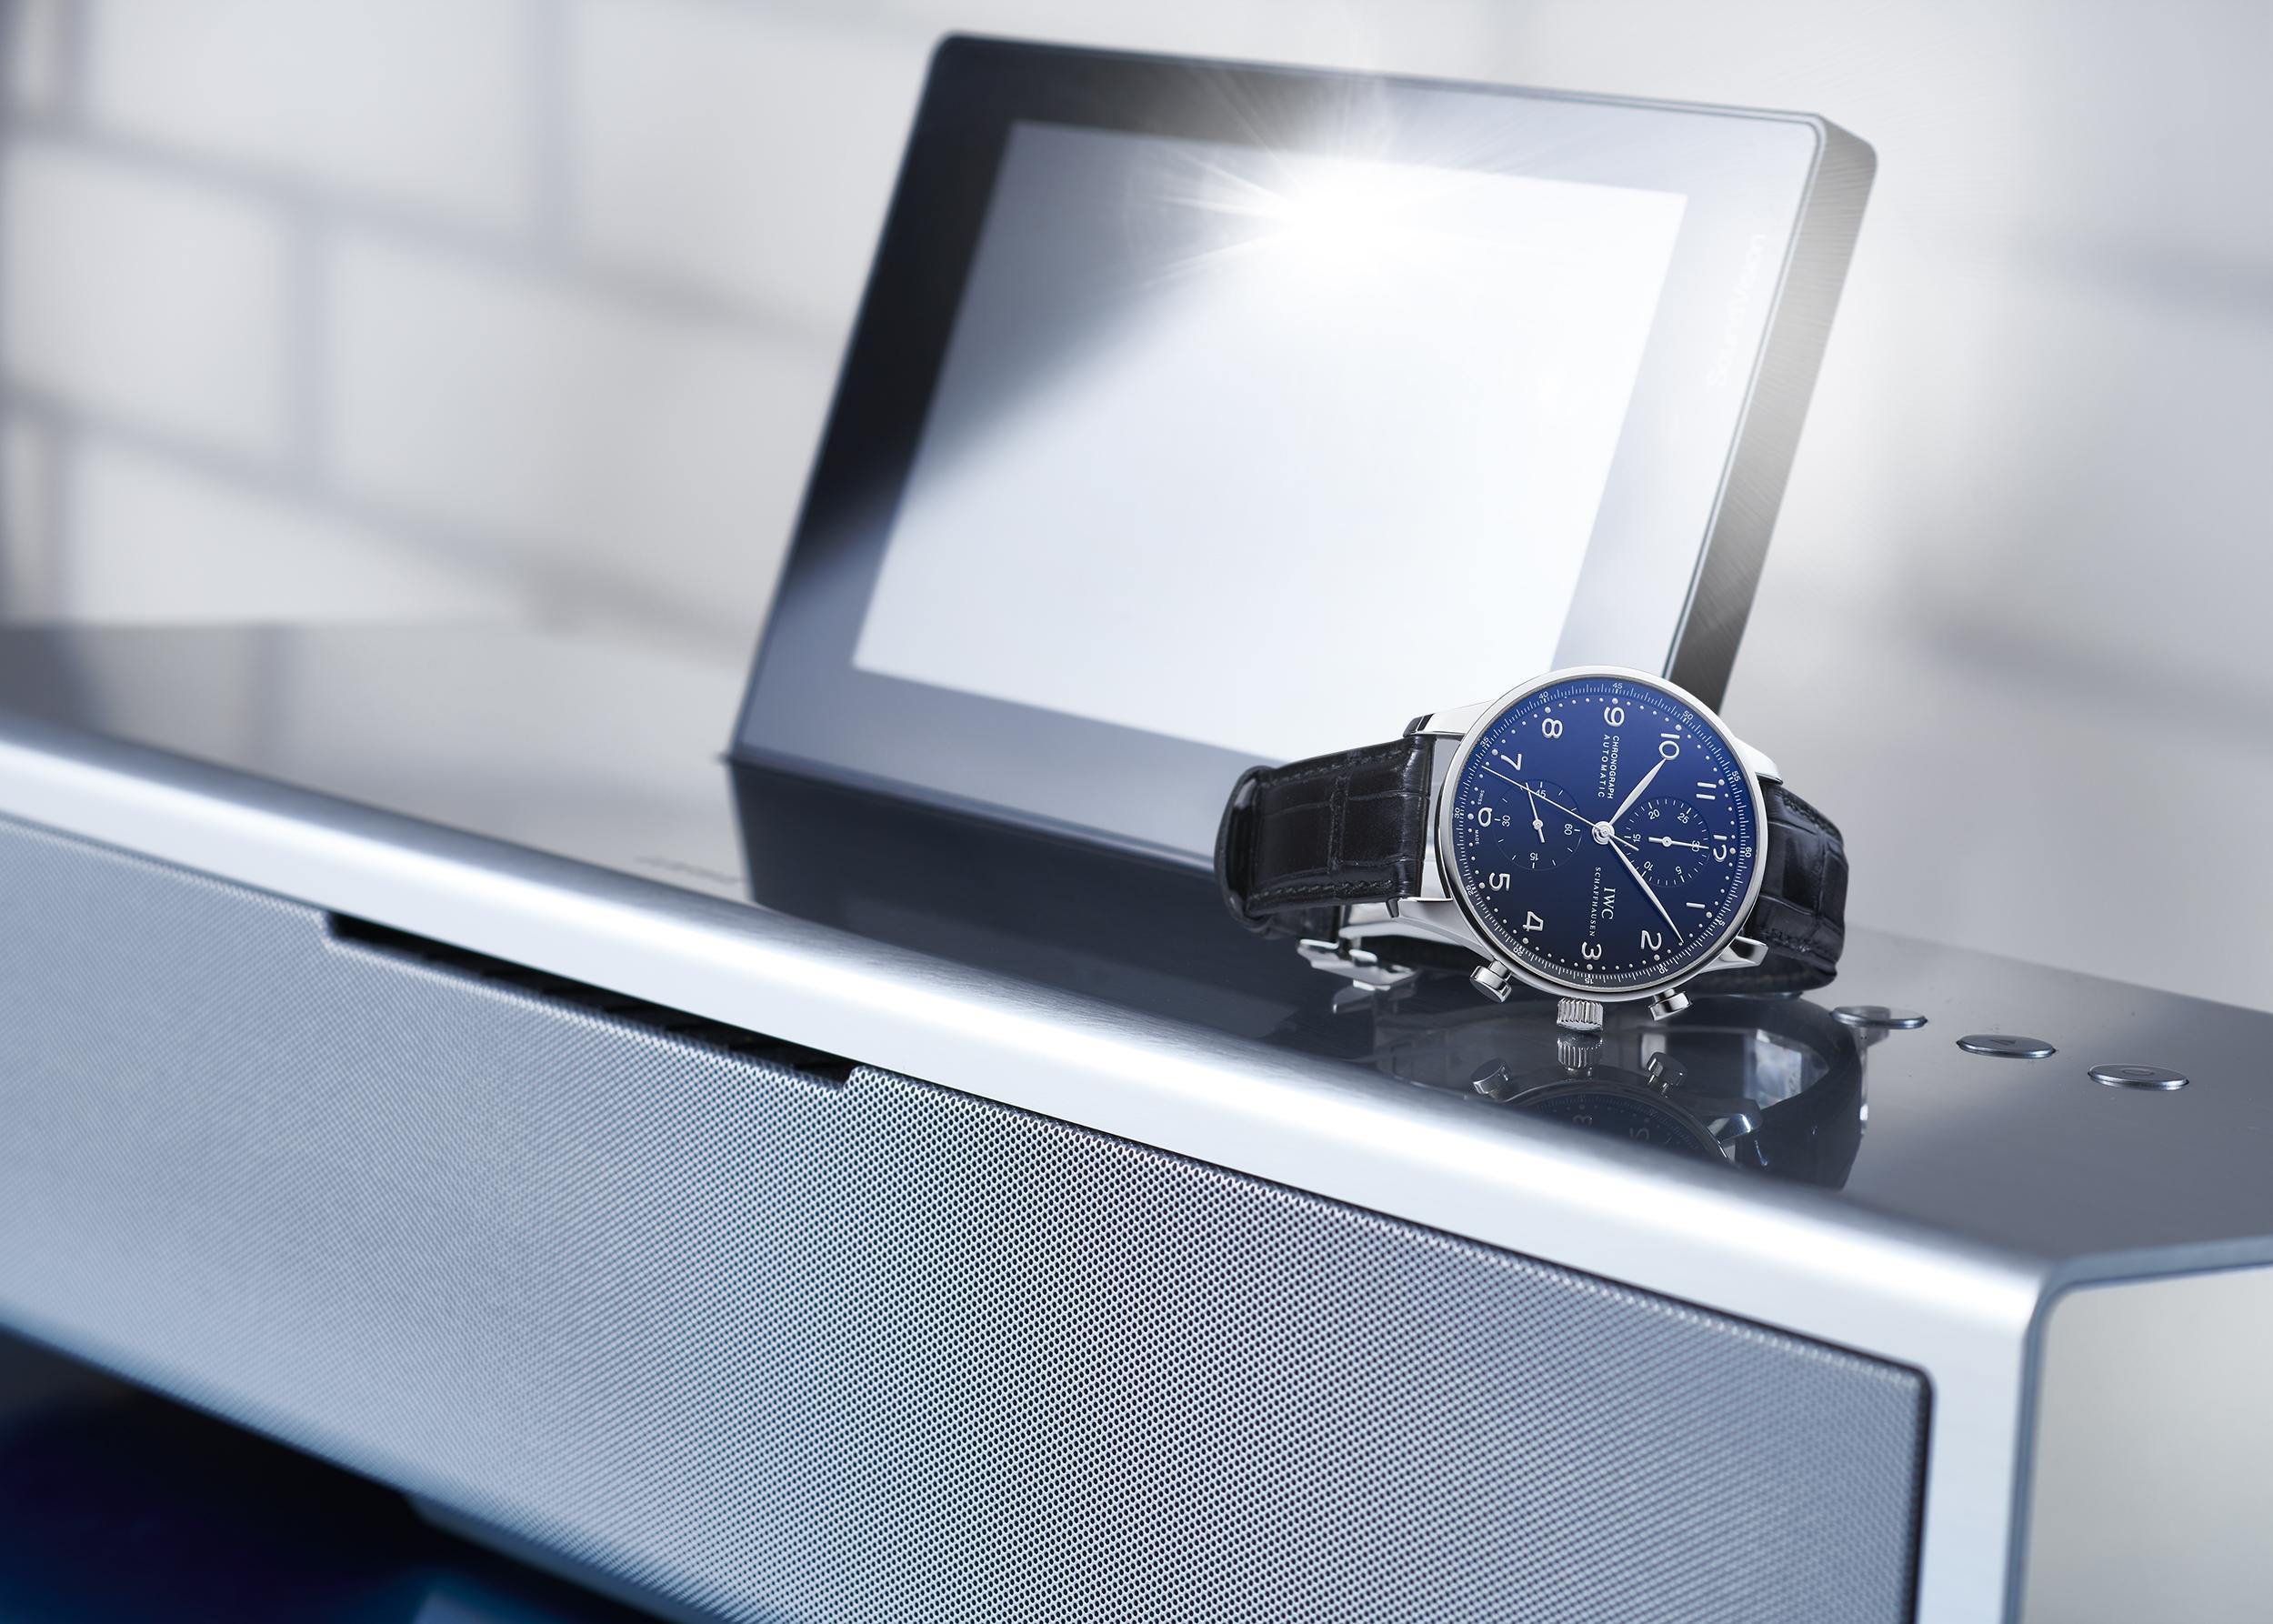 image d'ambiance pour une montre de la marque iwc